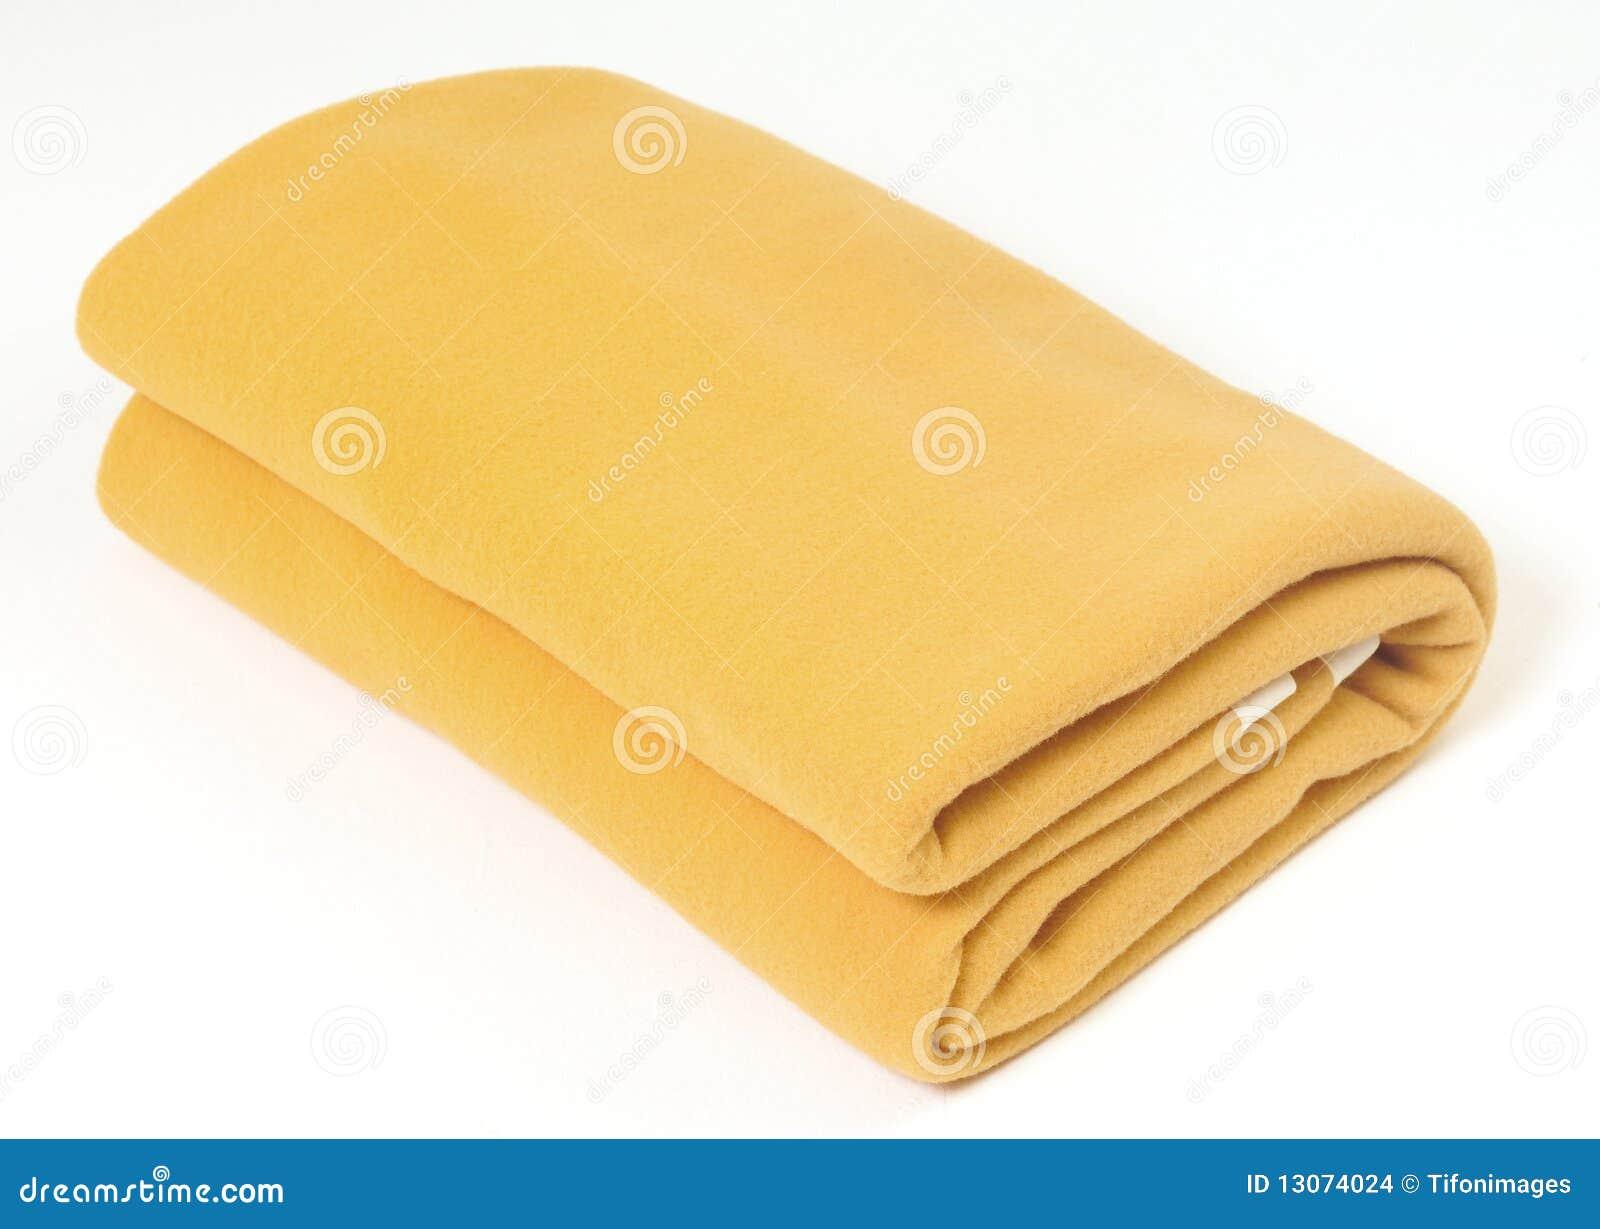 yellow blanket beehive soft yellow wool blanket throw  p  - yellow blanket stock images image